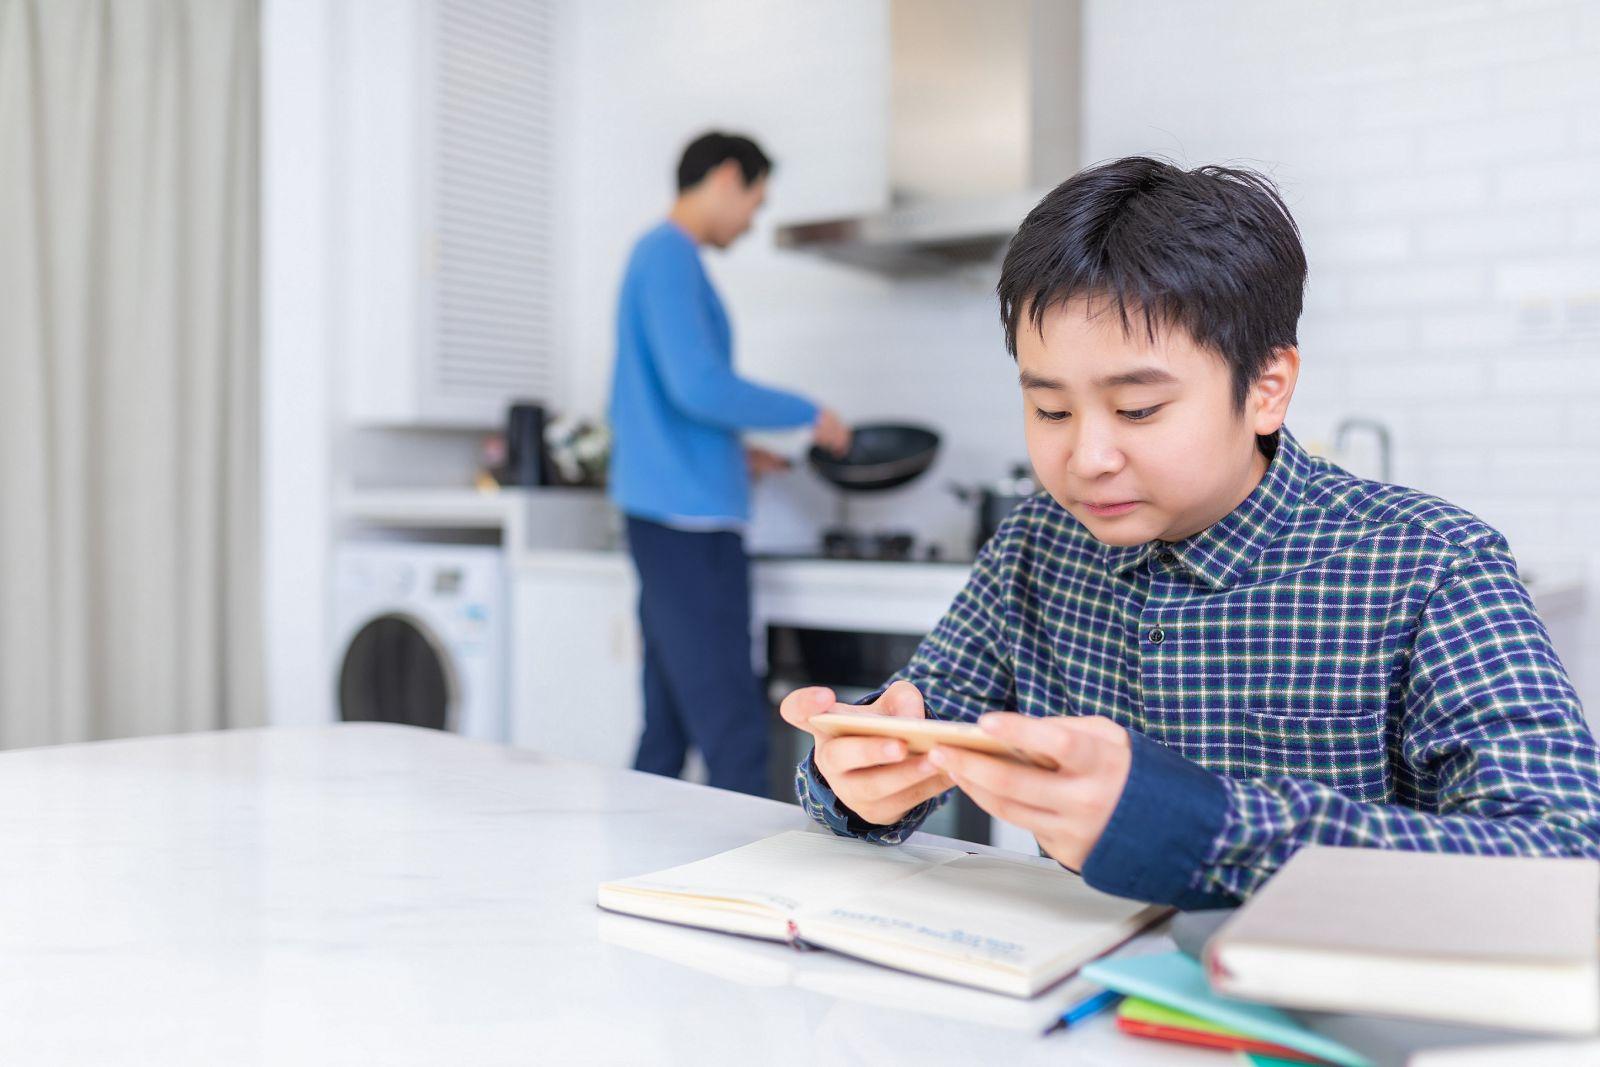 [深圳SEO]有趣的SEO优化,是增加网站曝光度的幕后推手,但是您也必须找到对的SEO优化专业团队-第1张图片